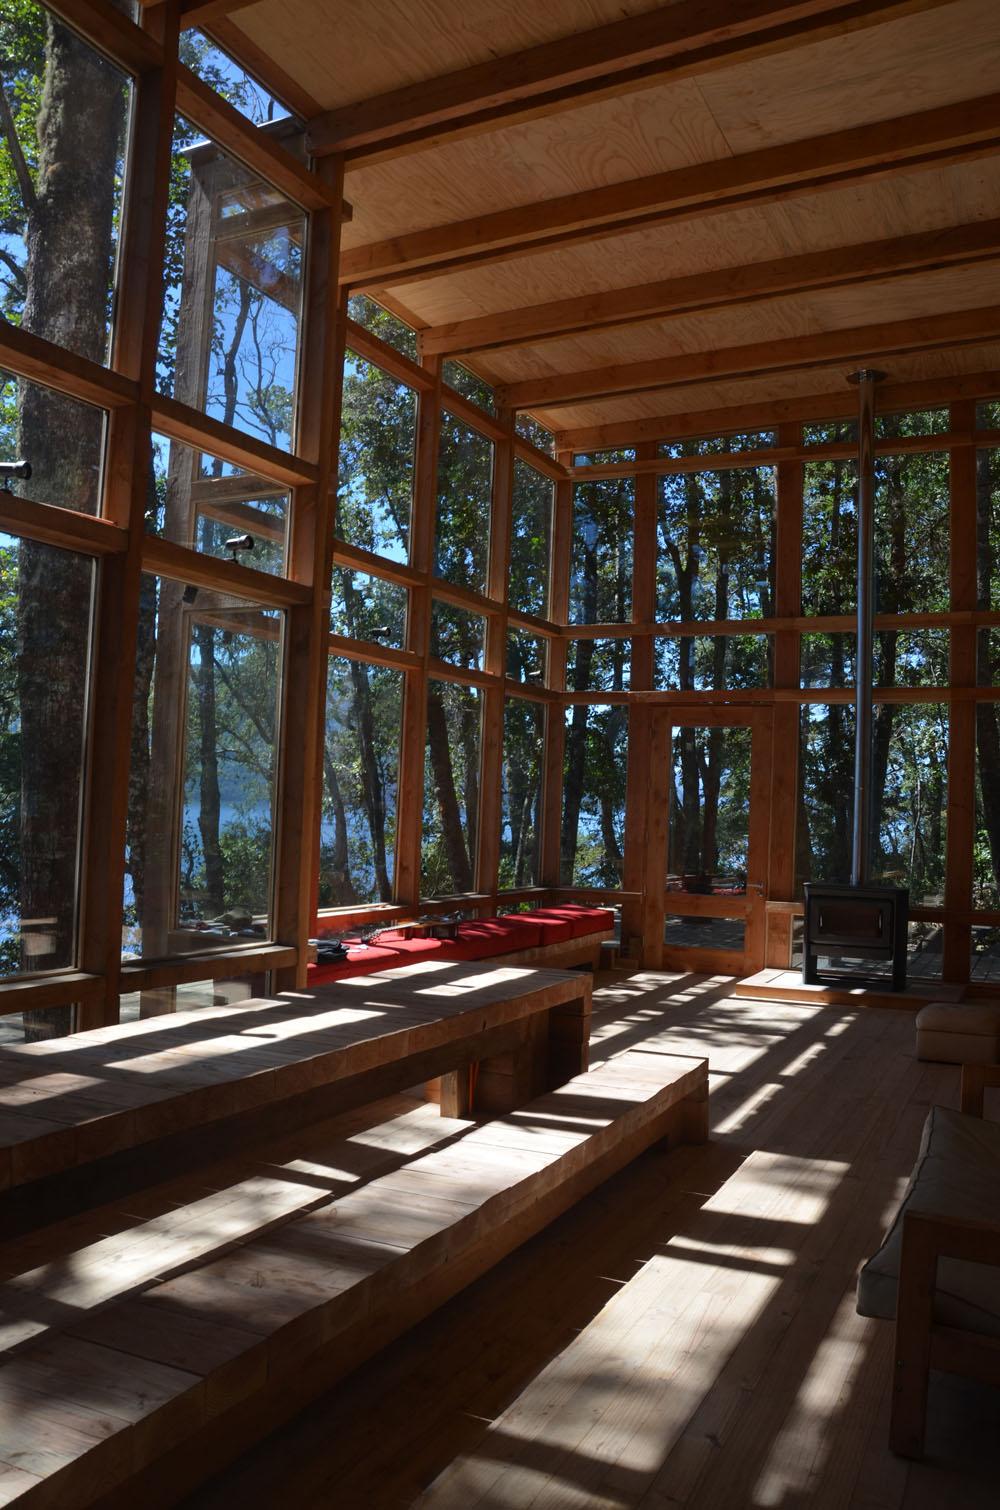 the-tree-mag_house-at-rupanco-lake-by-squella-arquitectos_30s.jpg